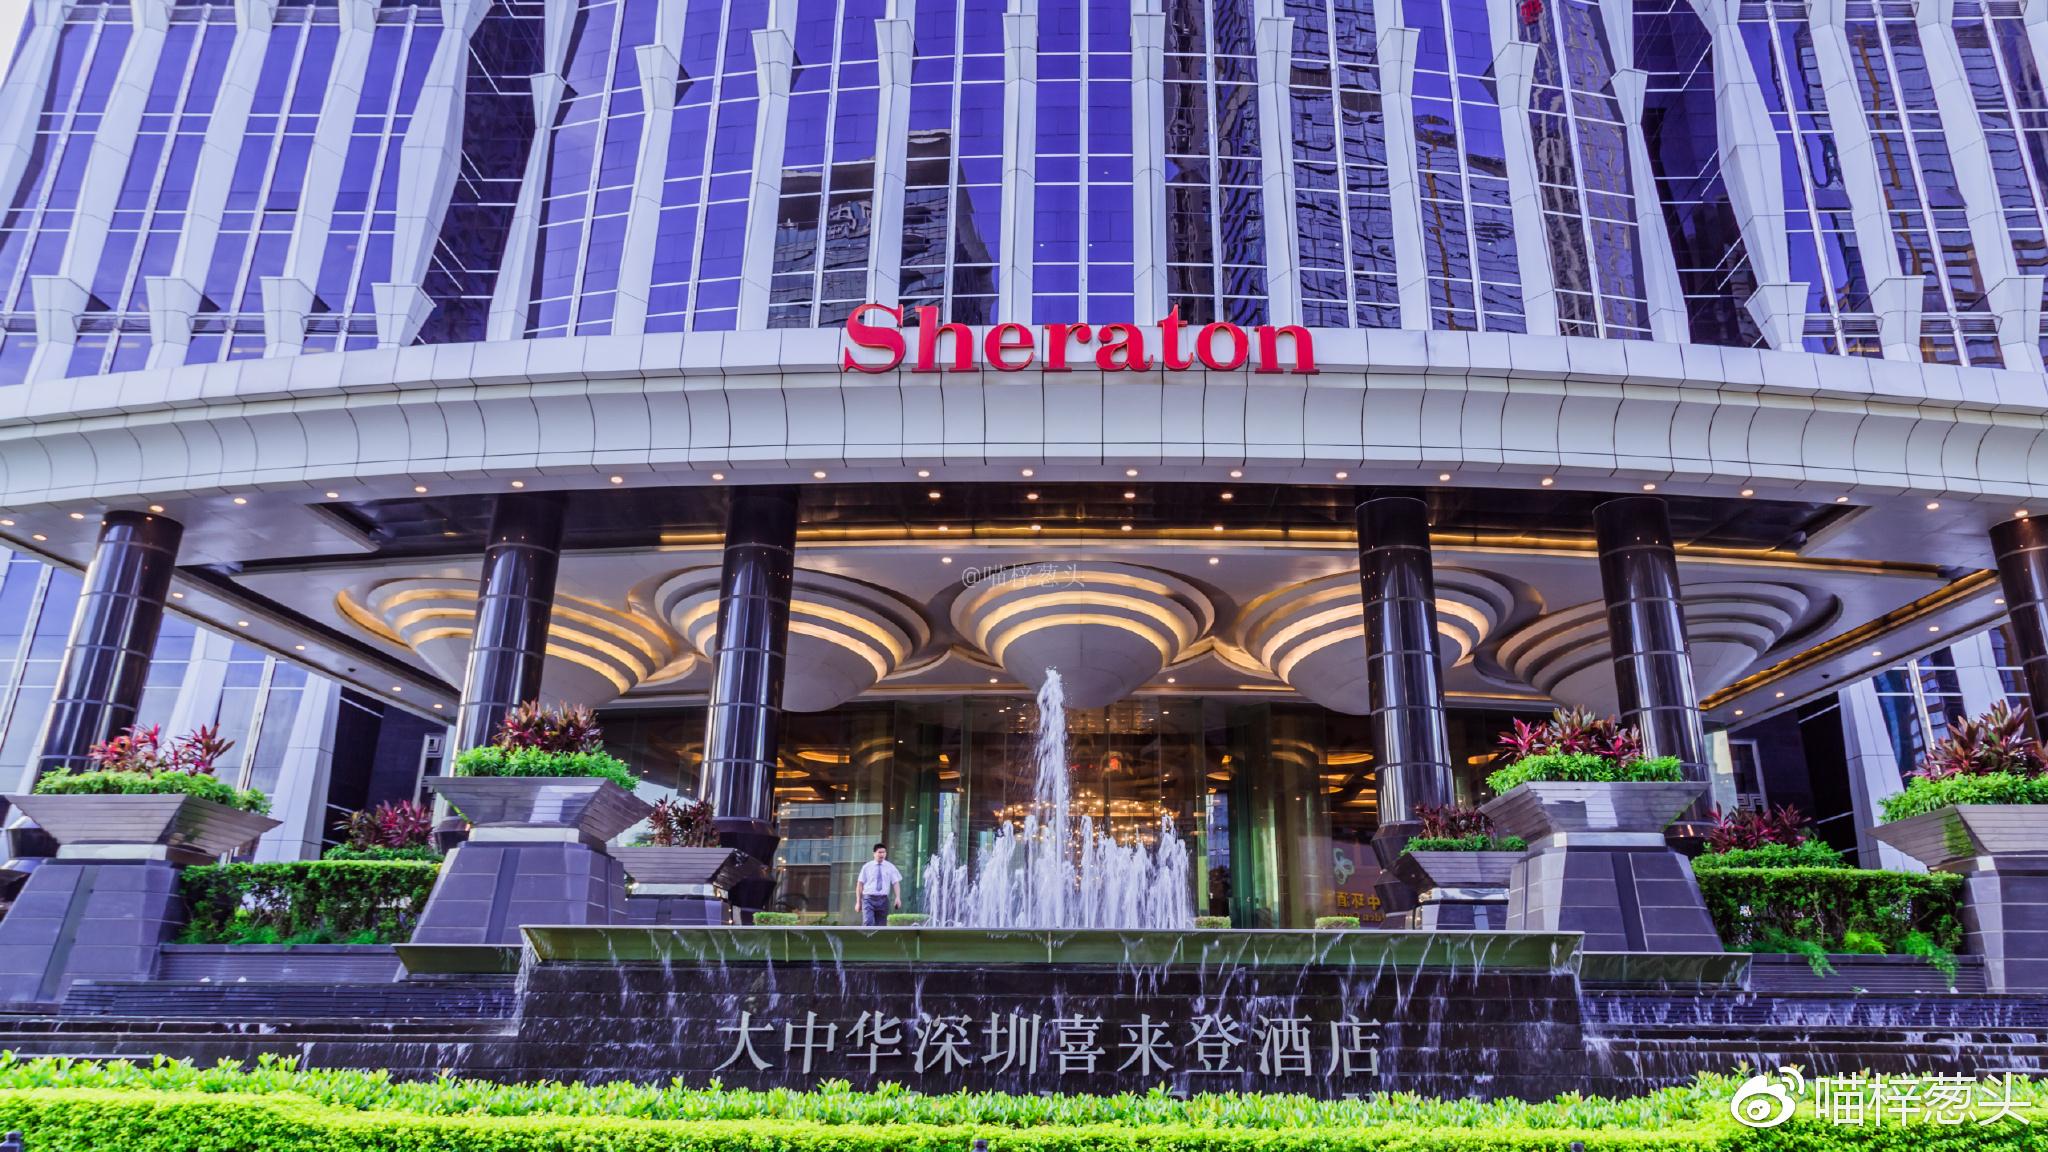 20分钟后,豪华专车停在了深圳大中华喜来登酒店的大门前